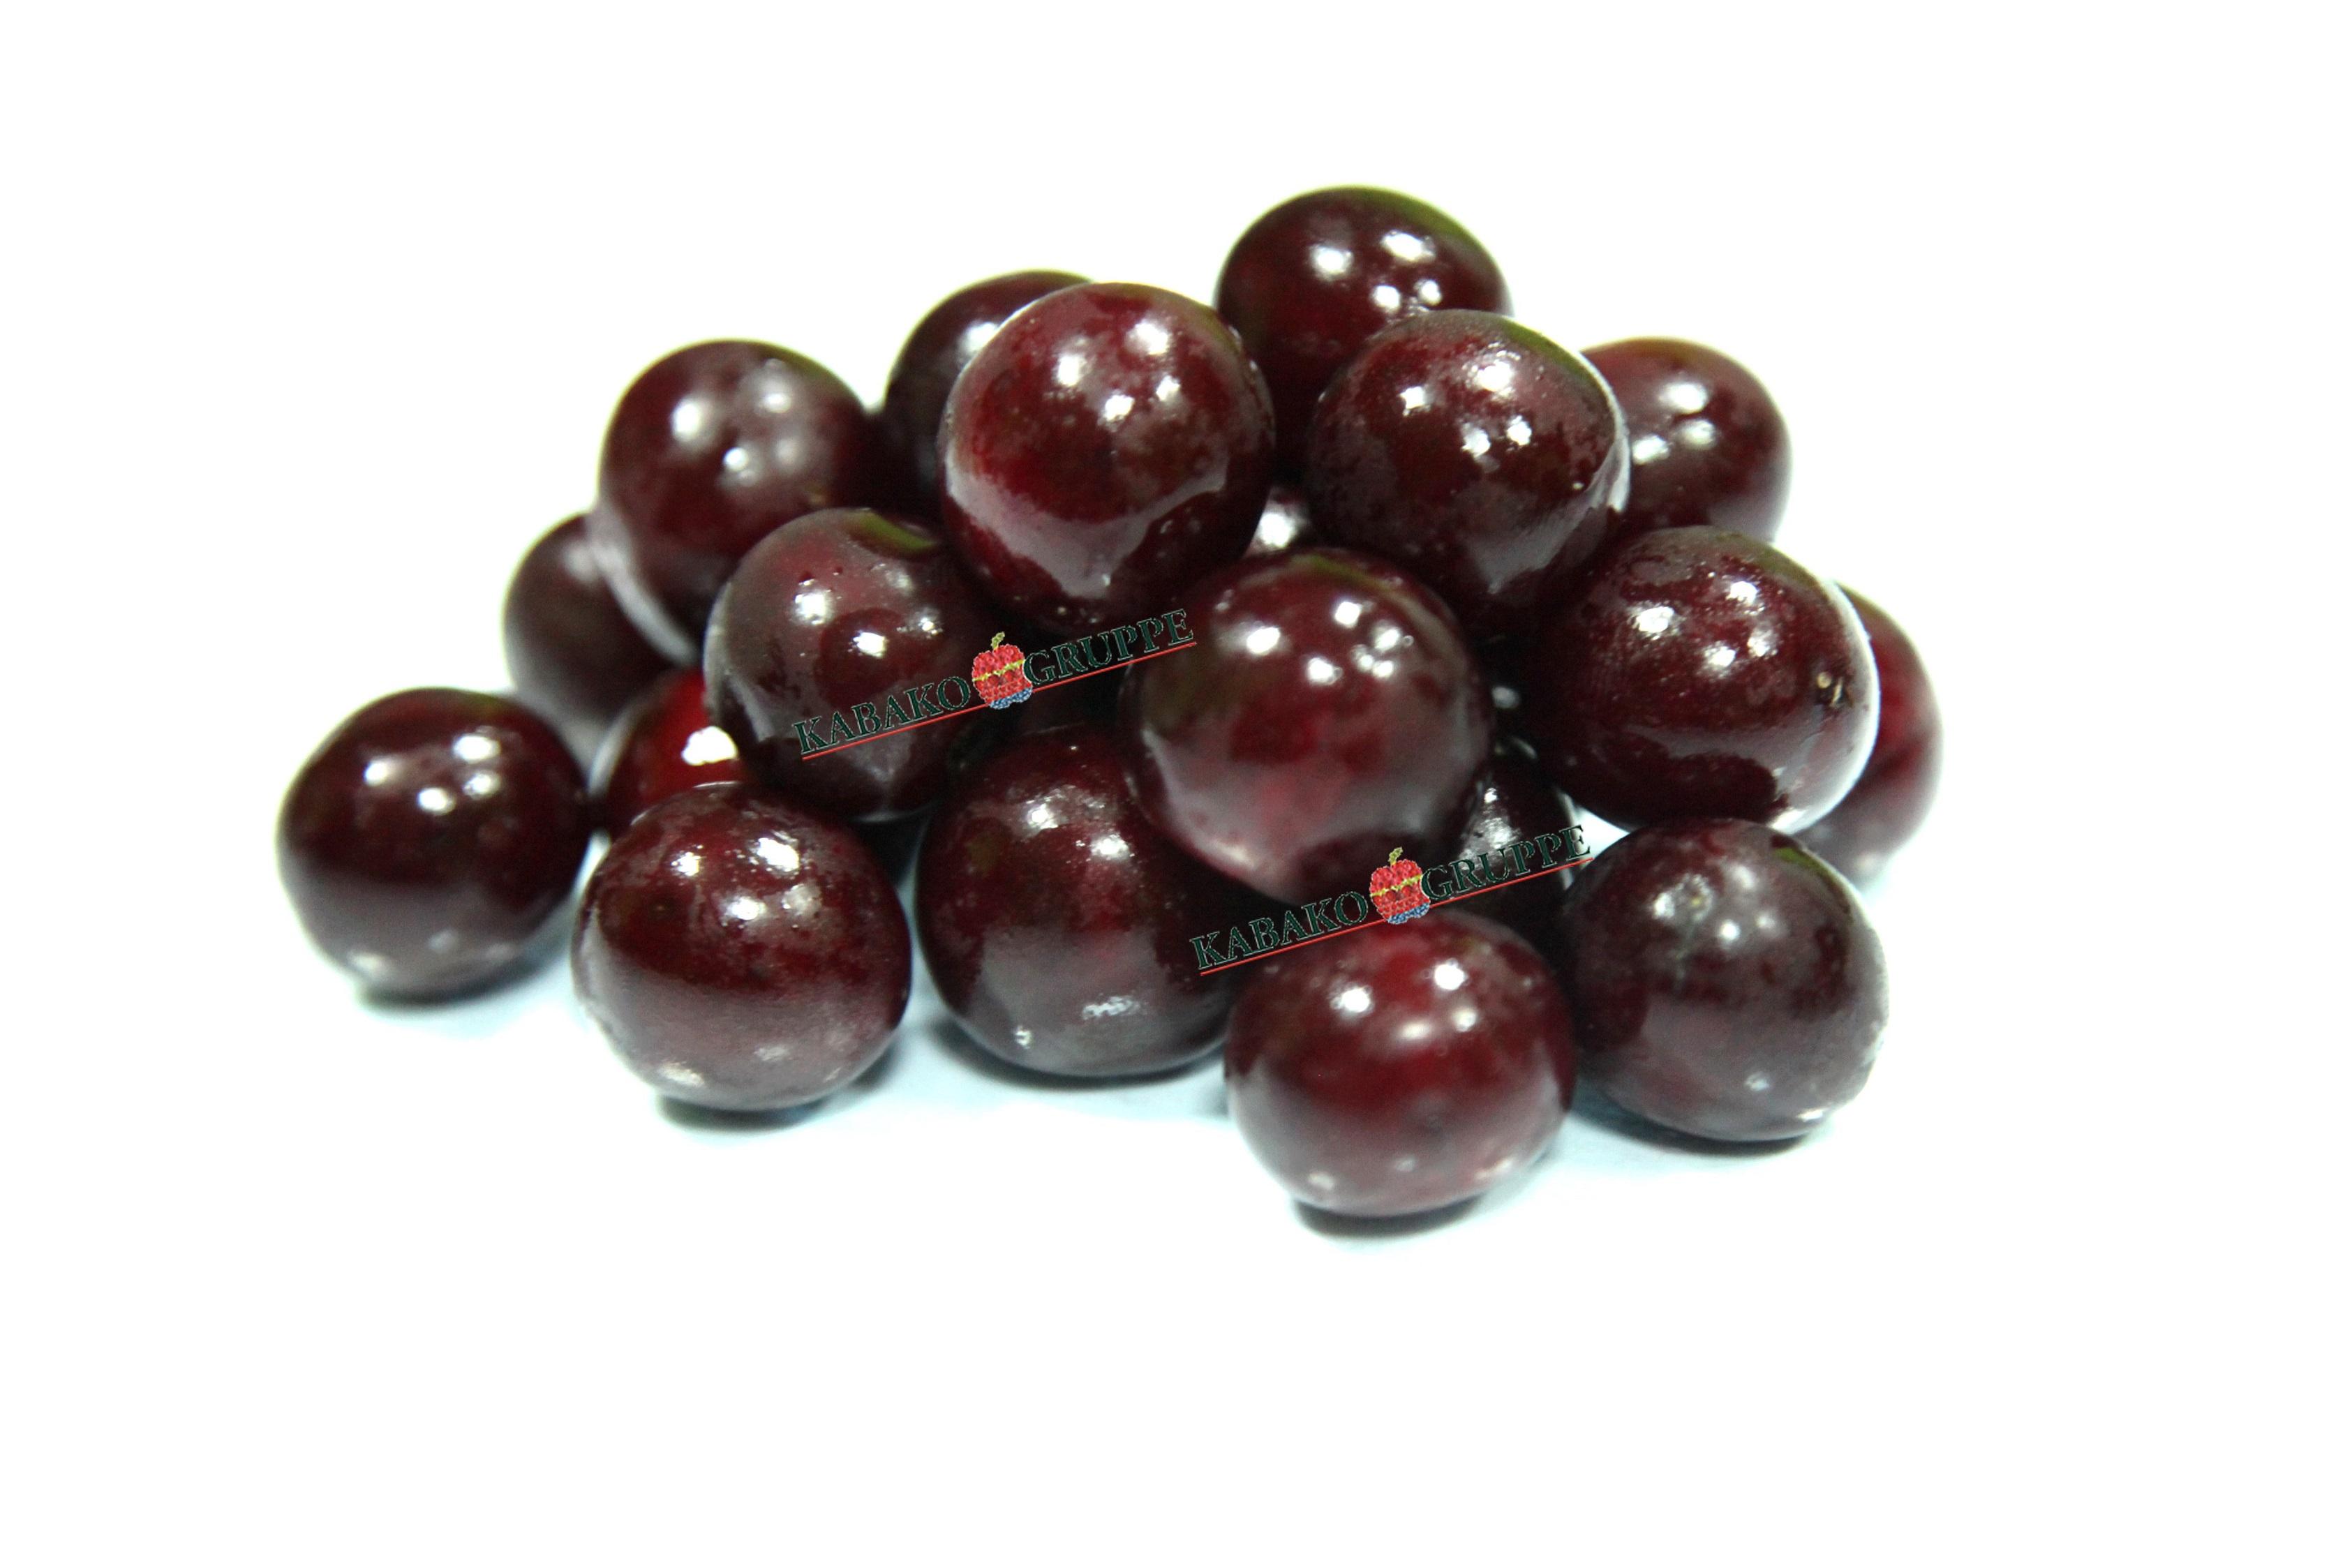 Frozen (IQF) Sour Cherries 12